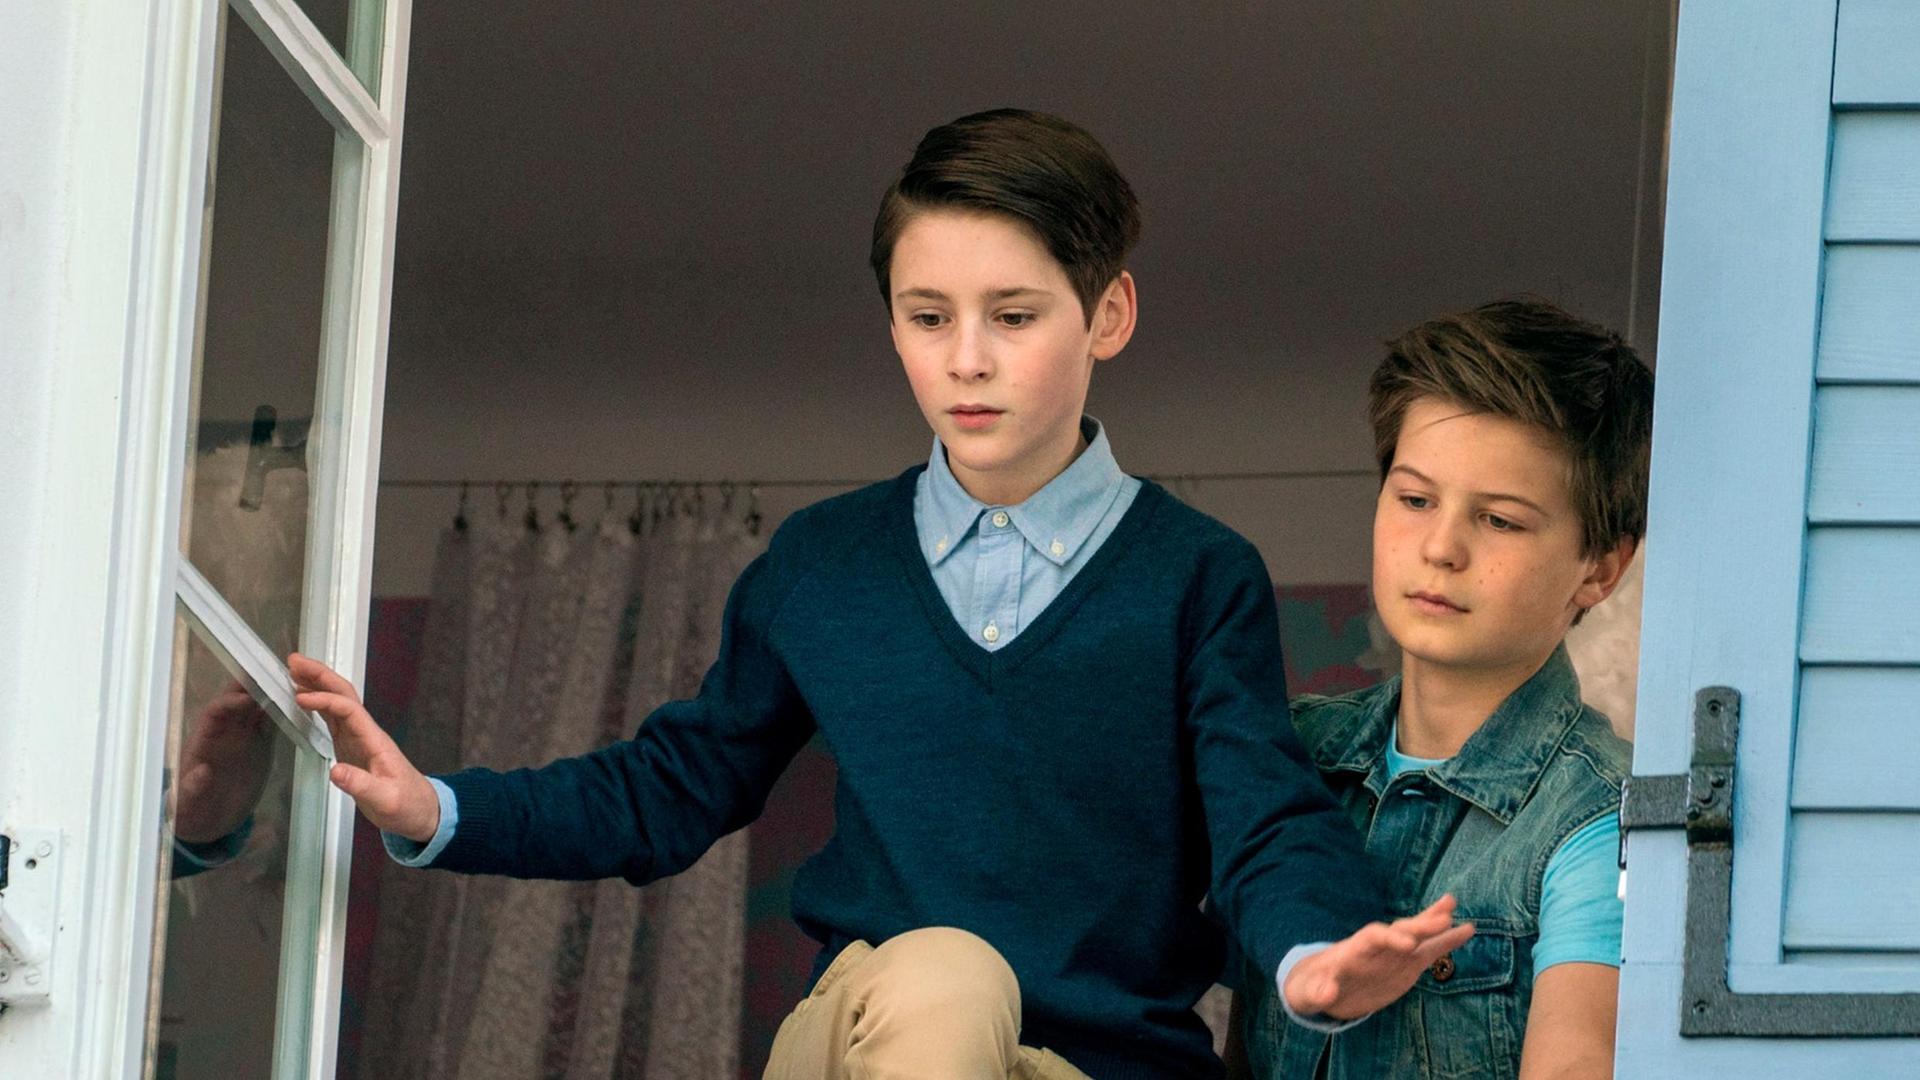 William (Levis Kachel) und Eddie (Fillin Mayer) auf dem Weg zu ihrer Mutprobe.